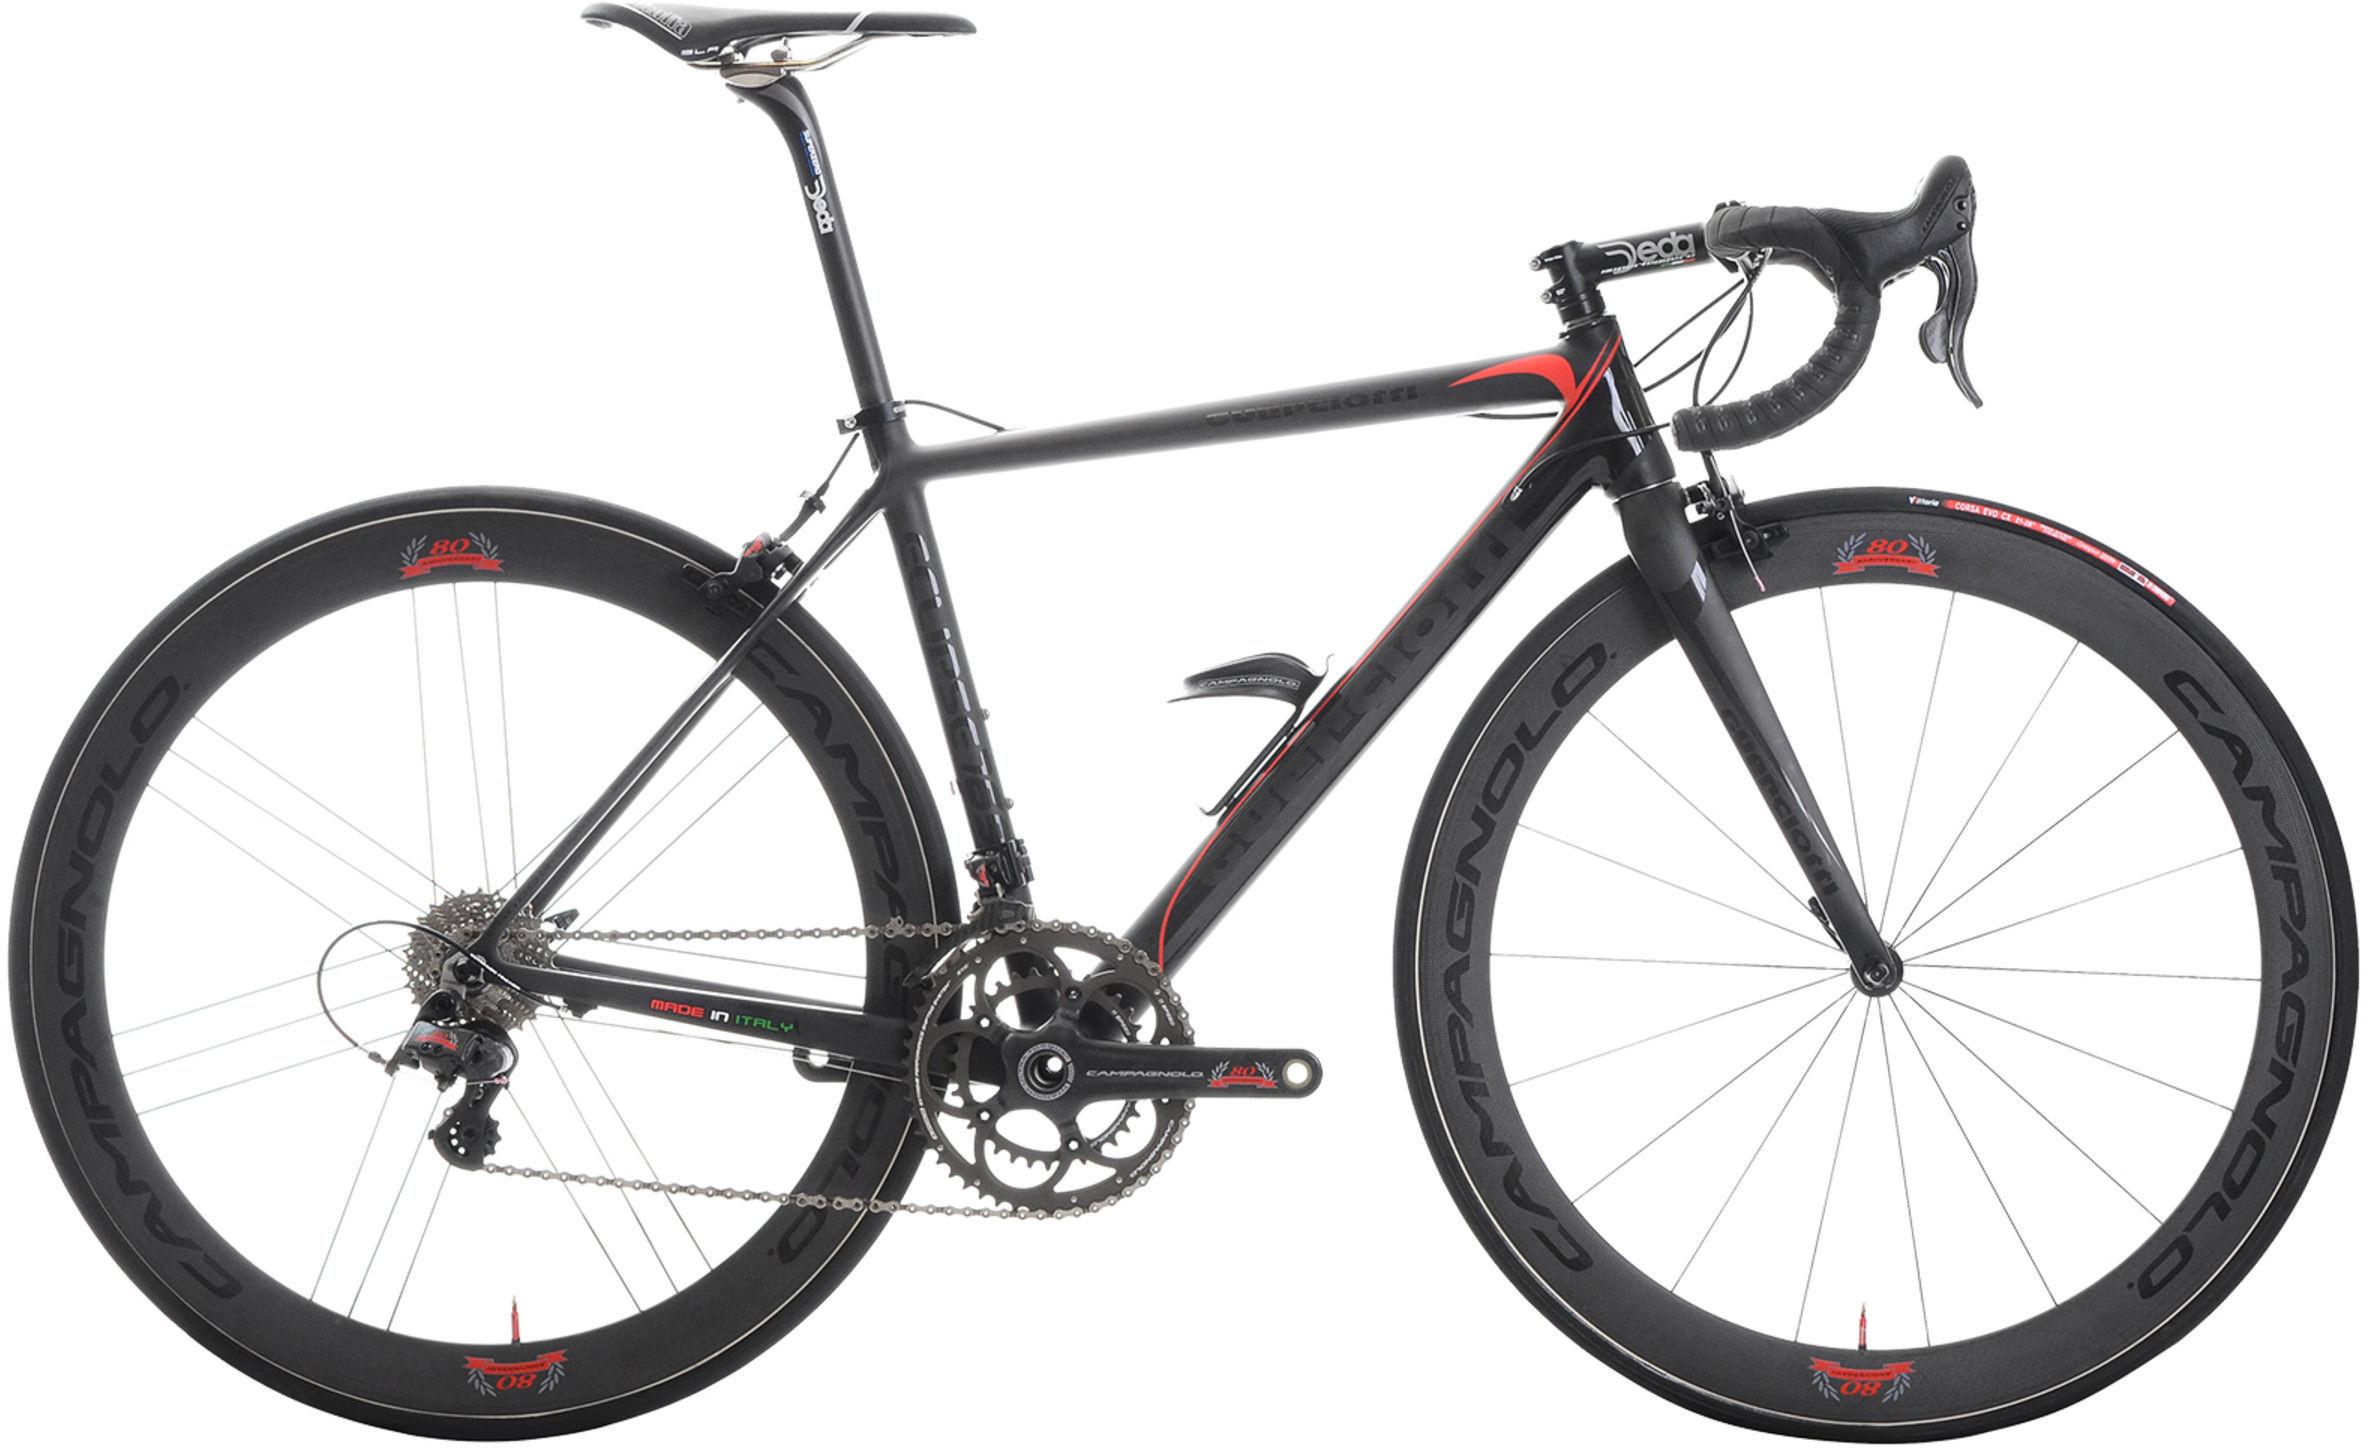 Guerciotti Eclipse Super Record 80th Anniversary Bike 2014neuroticarnutzLiotto Aquila superleggera-black 2014 campy 80th